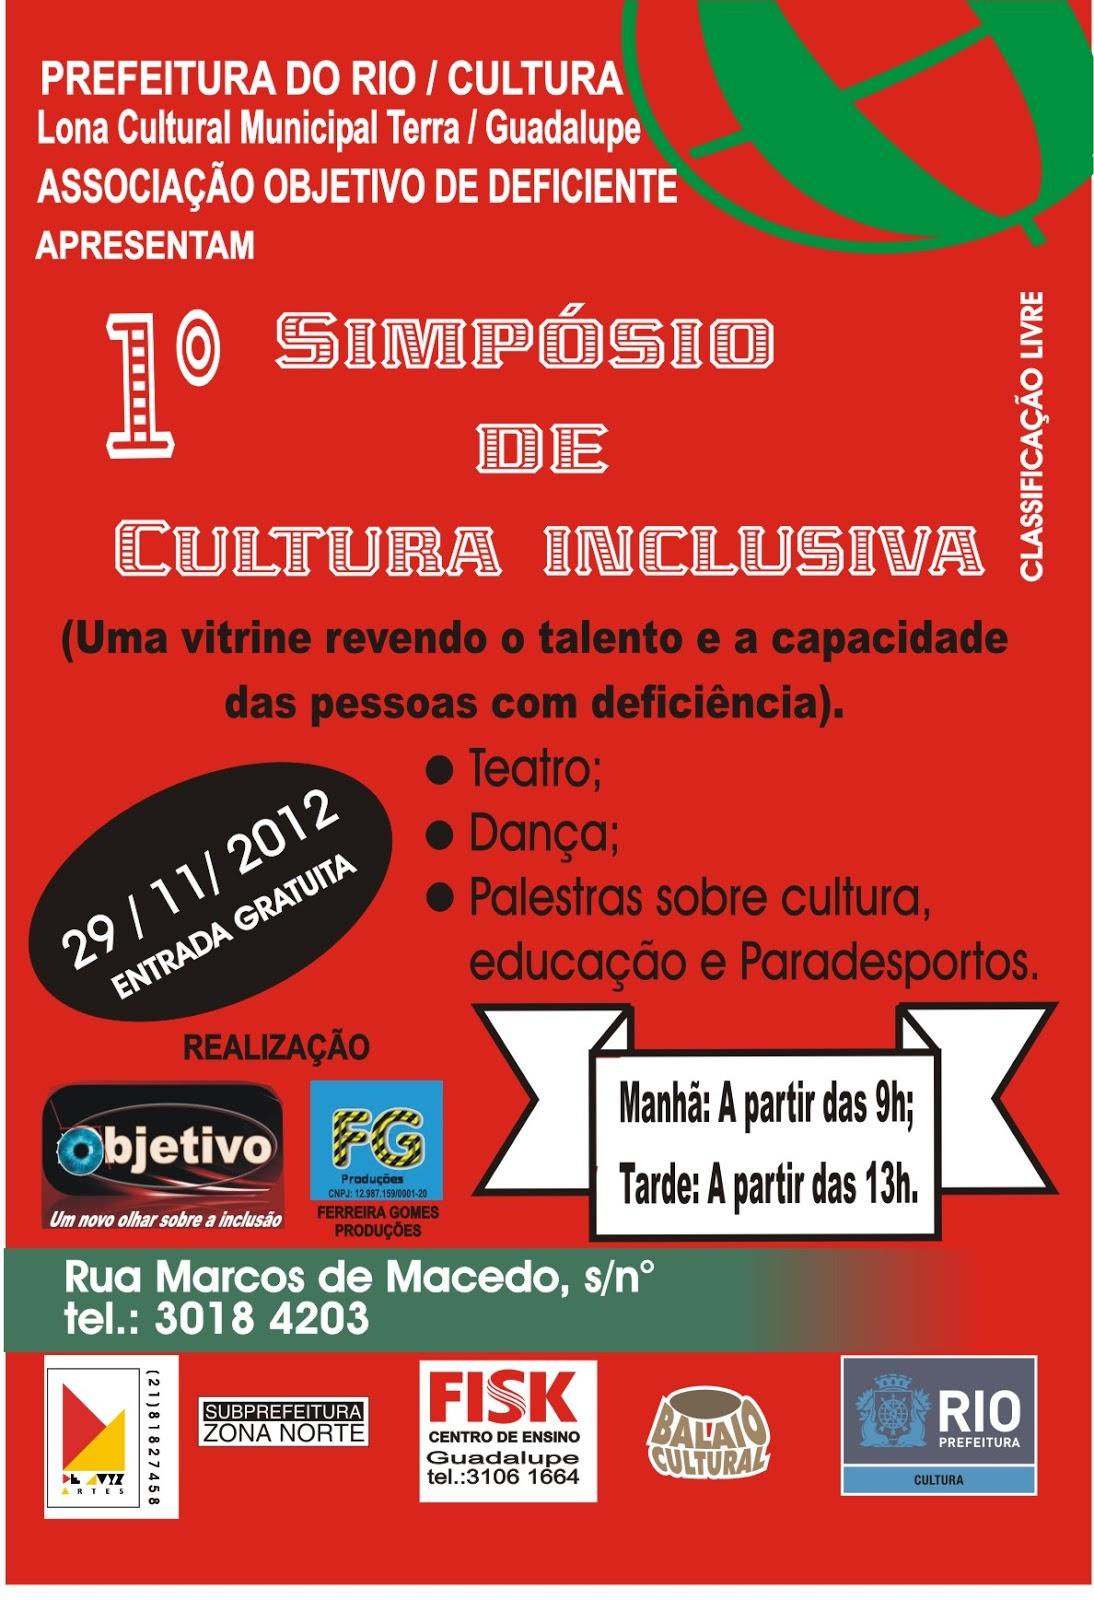 Inclusão social é tema de evento na Lona Cultural de Guadalupe